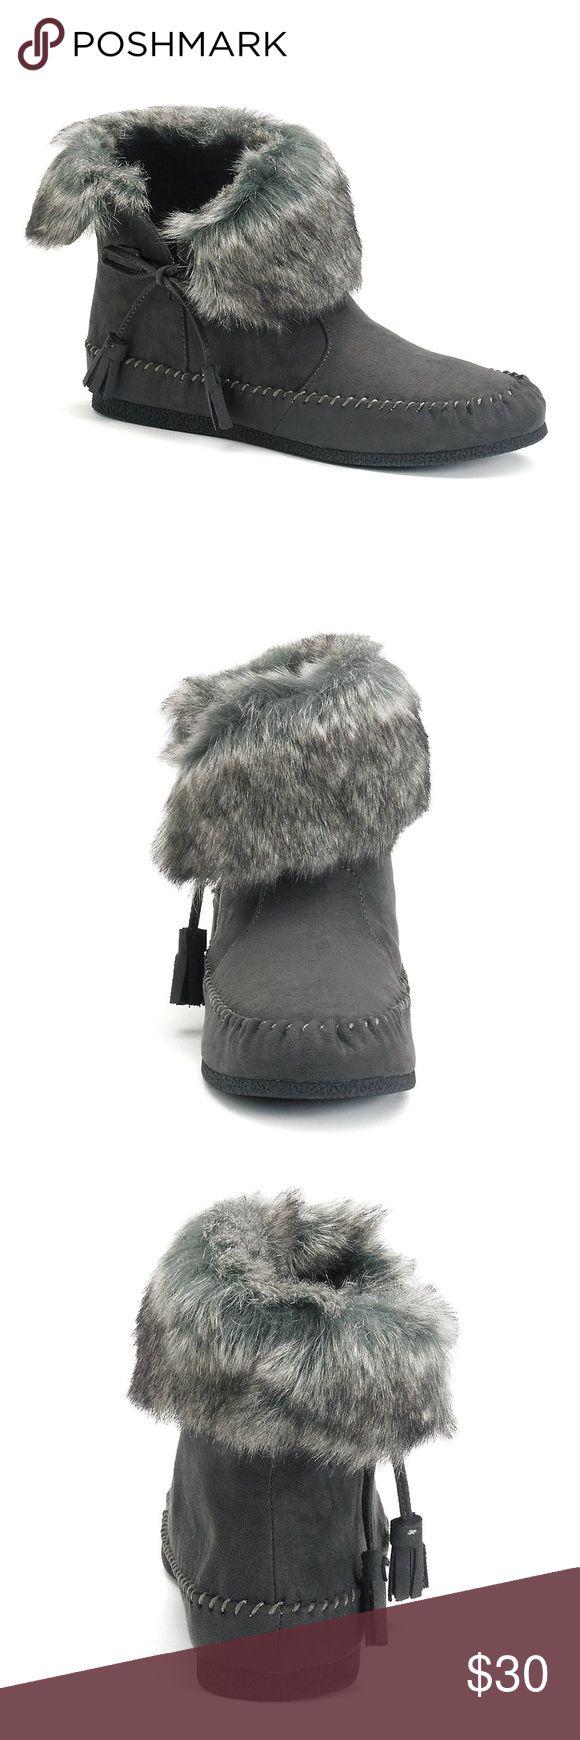 Moccasin Ankle Boots Madden Girl Finnn Women's Moccasin Ankle Boots. Gray with gray fur. NWT Madden Girl Shoes Ankle Boots & Booties